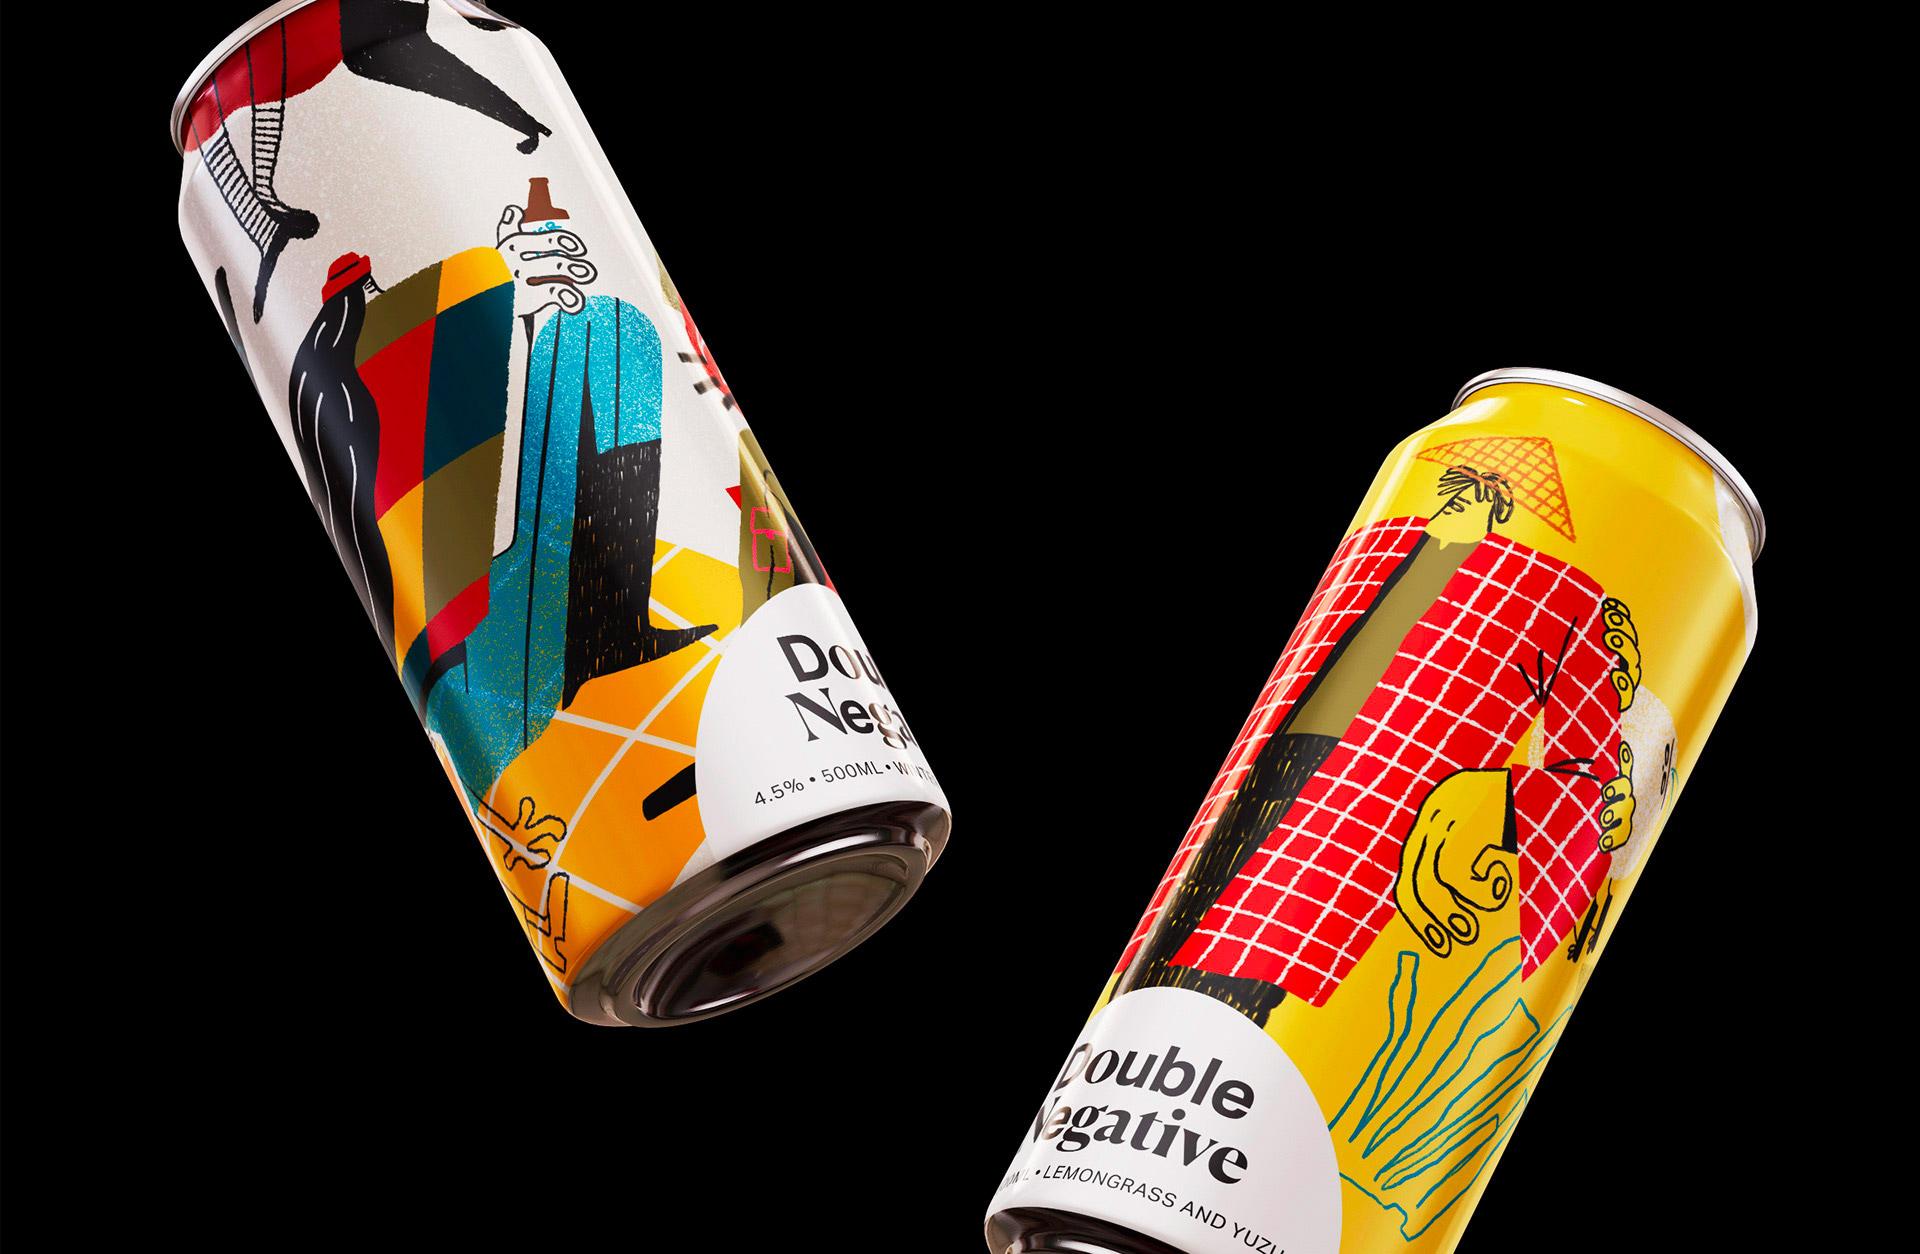 与众不同!Double Negative啤酒品牌视觉澳门金沙真人